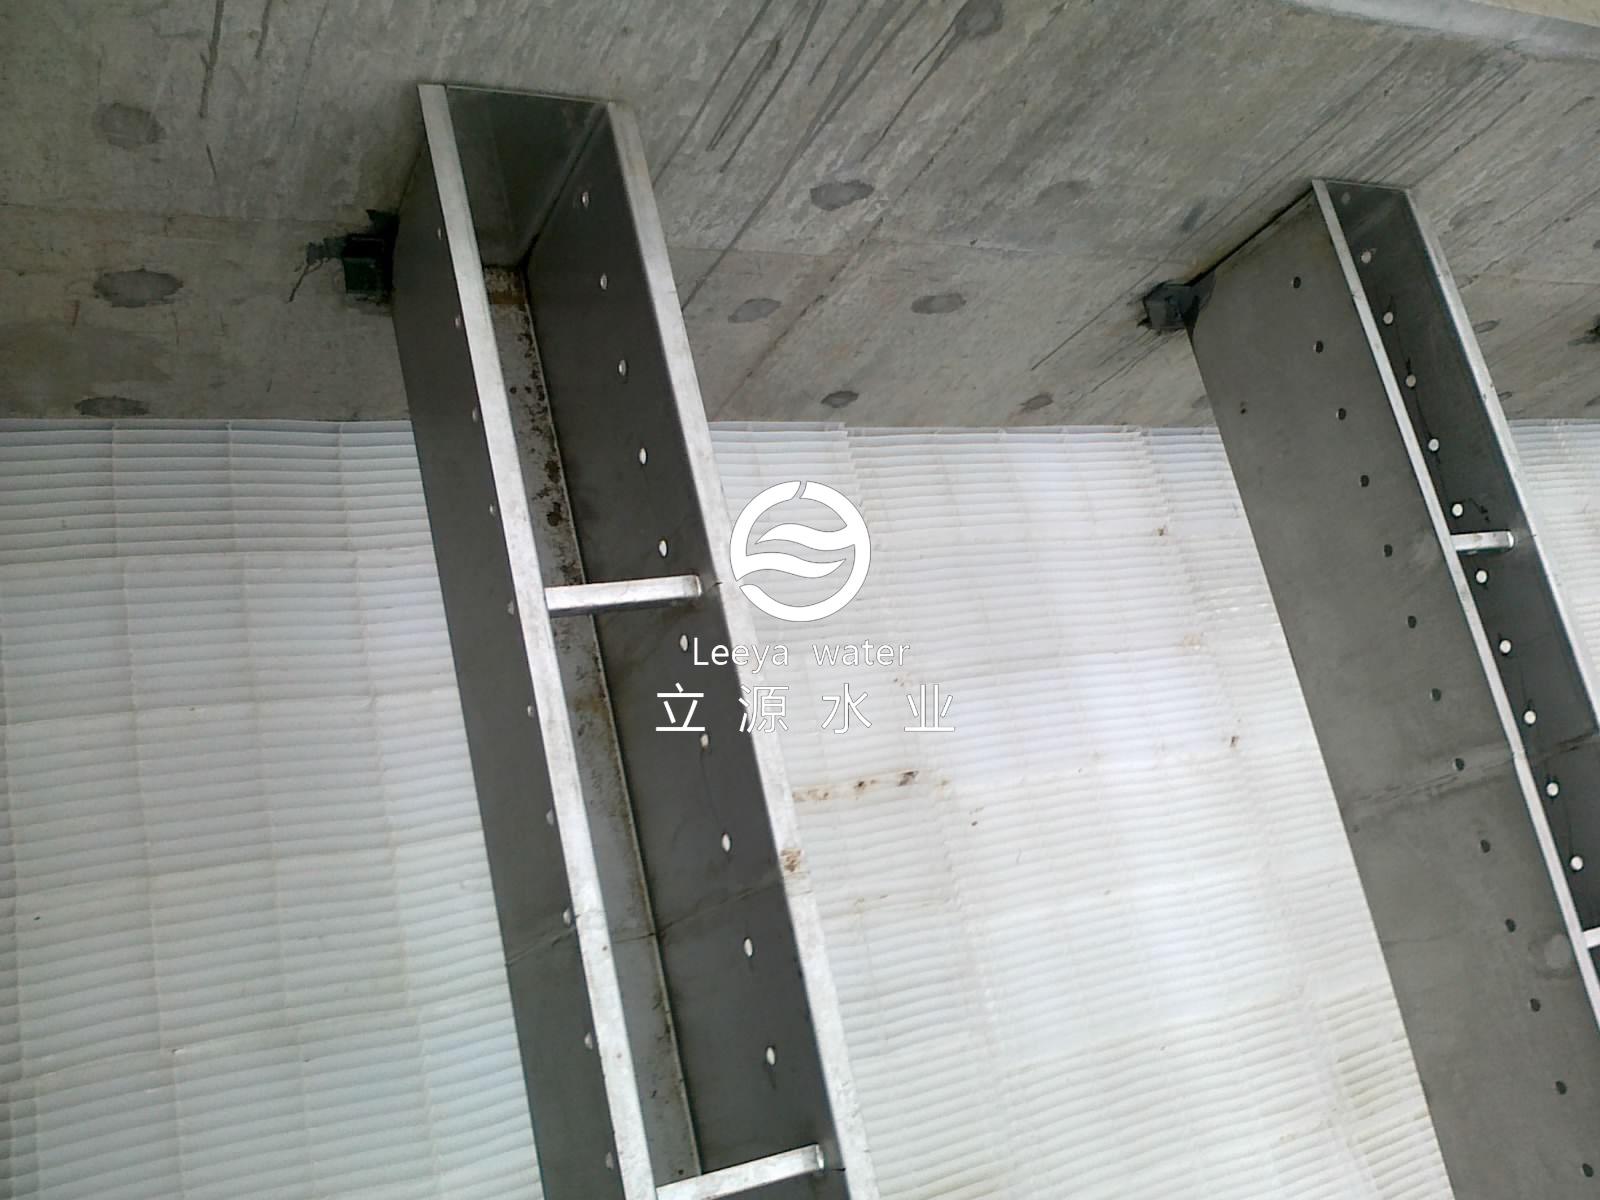 斜板沉淀池填料安装后近距离特写照片